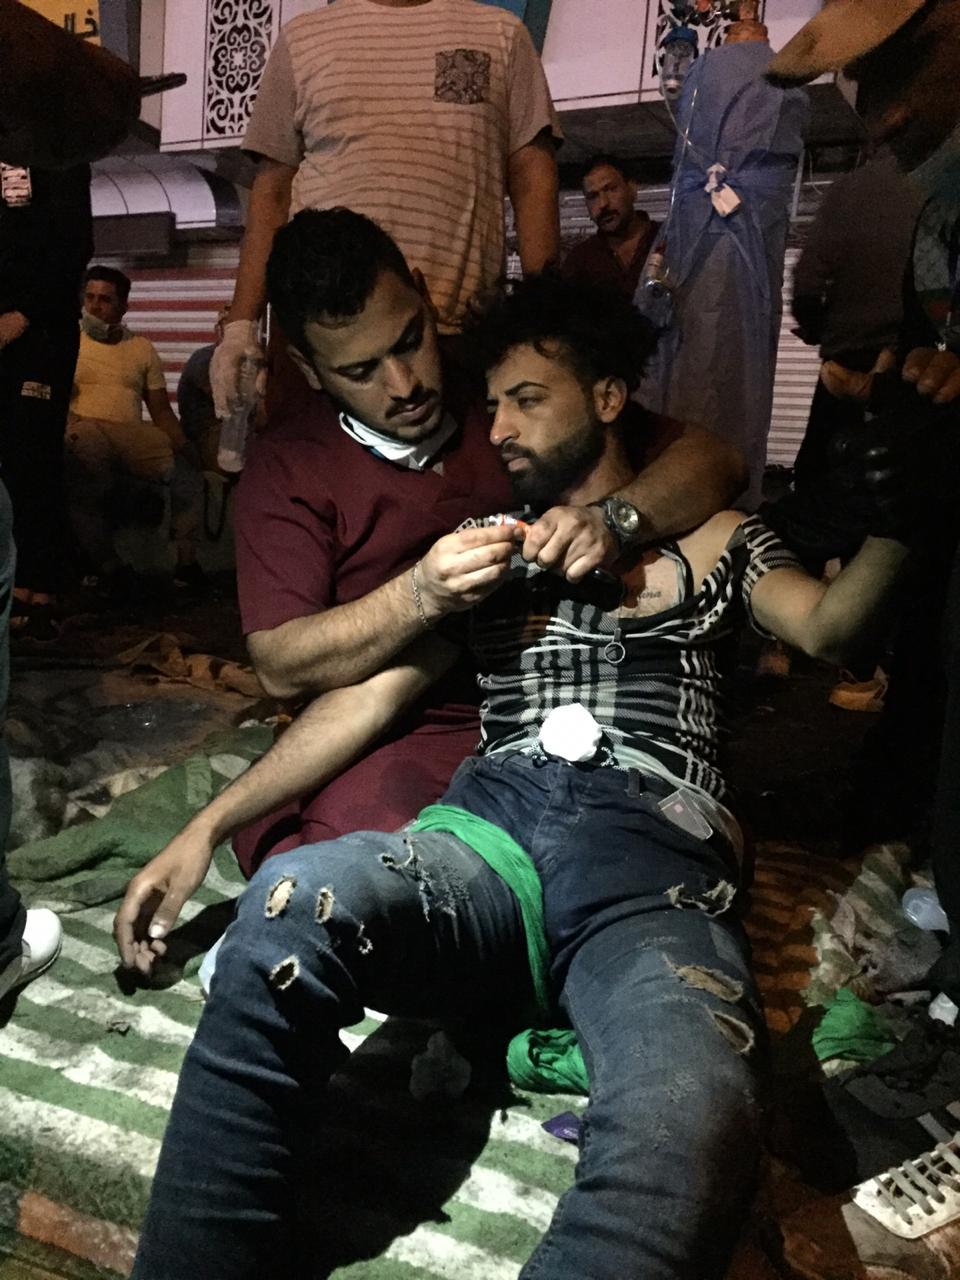 حالة انقاذ في 9 صور: مسعف وزميلته ينقذان متظاهراً من الاختناق بقبلة الحياة